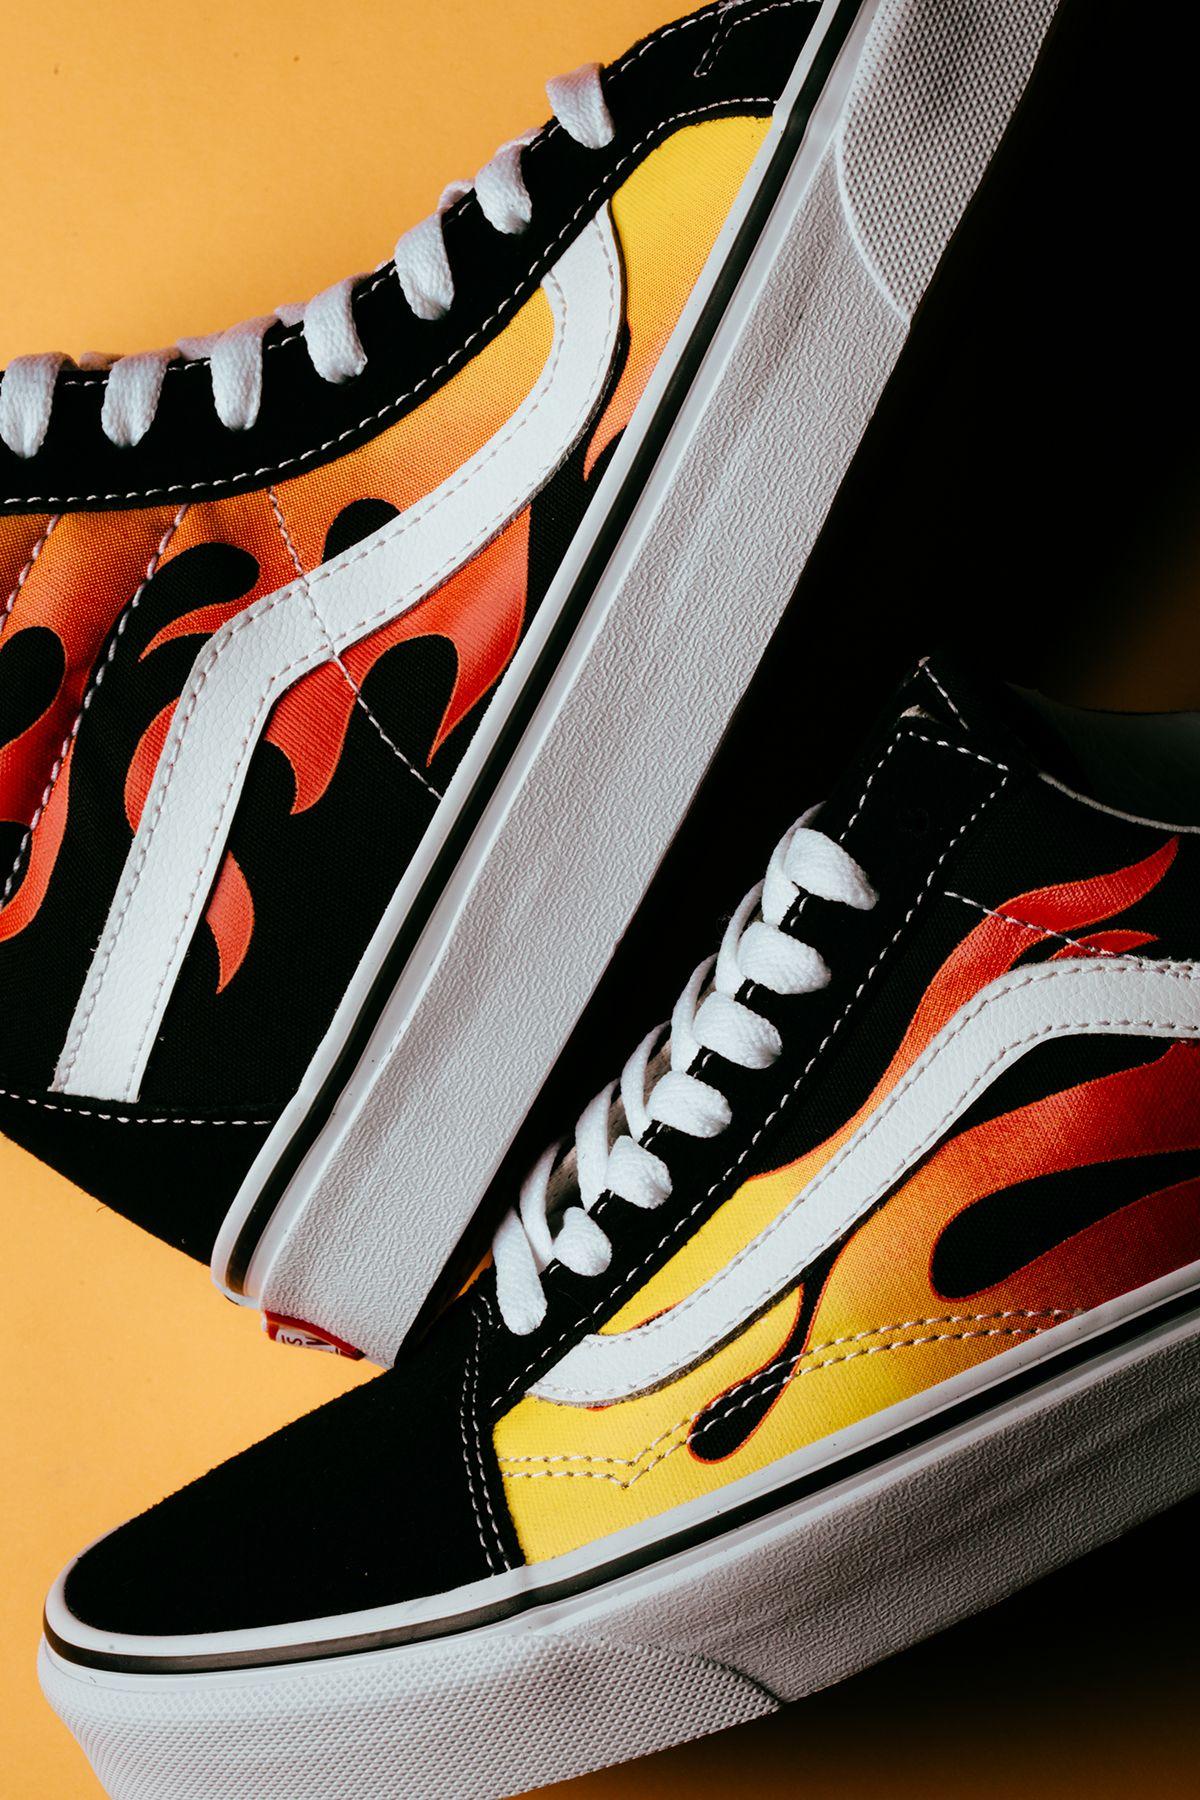 Vans Flame Pack - Summer 2017 Sneaker Heads e14f2fbdb